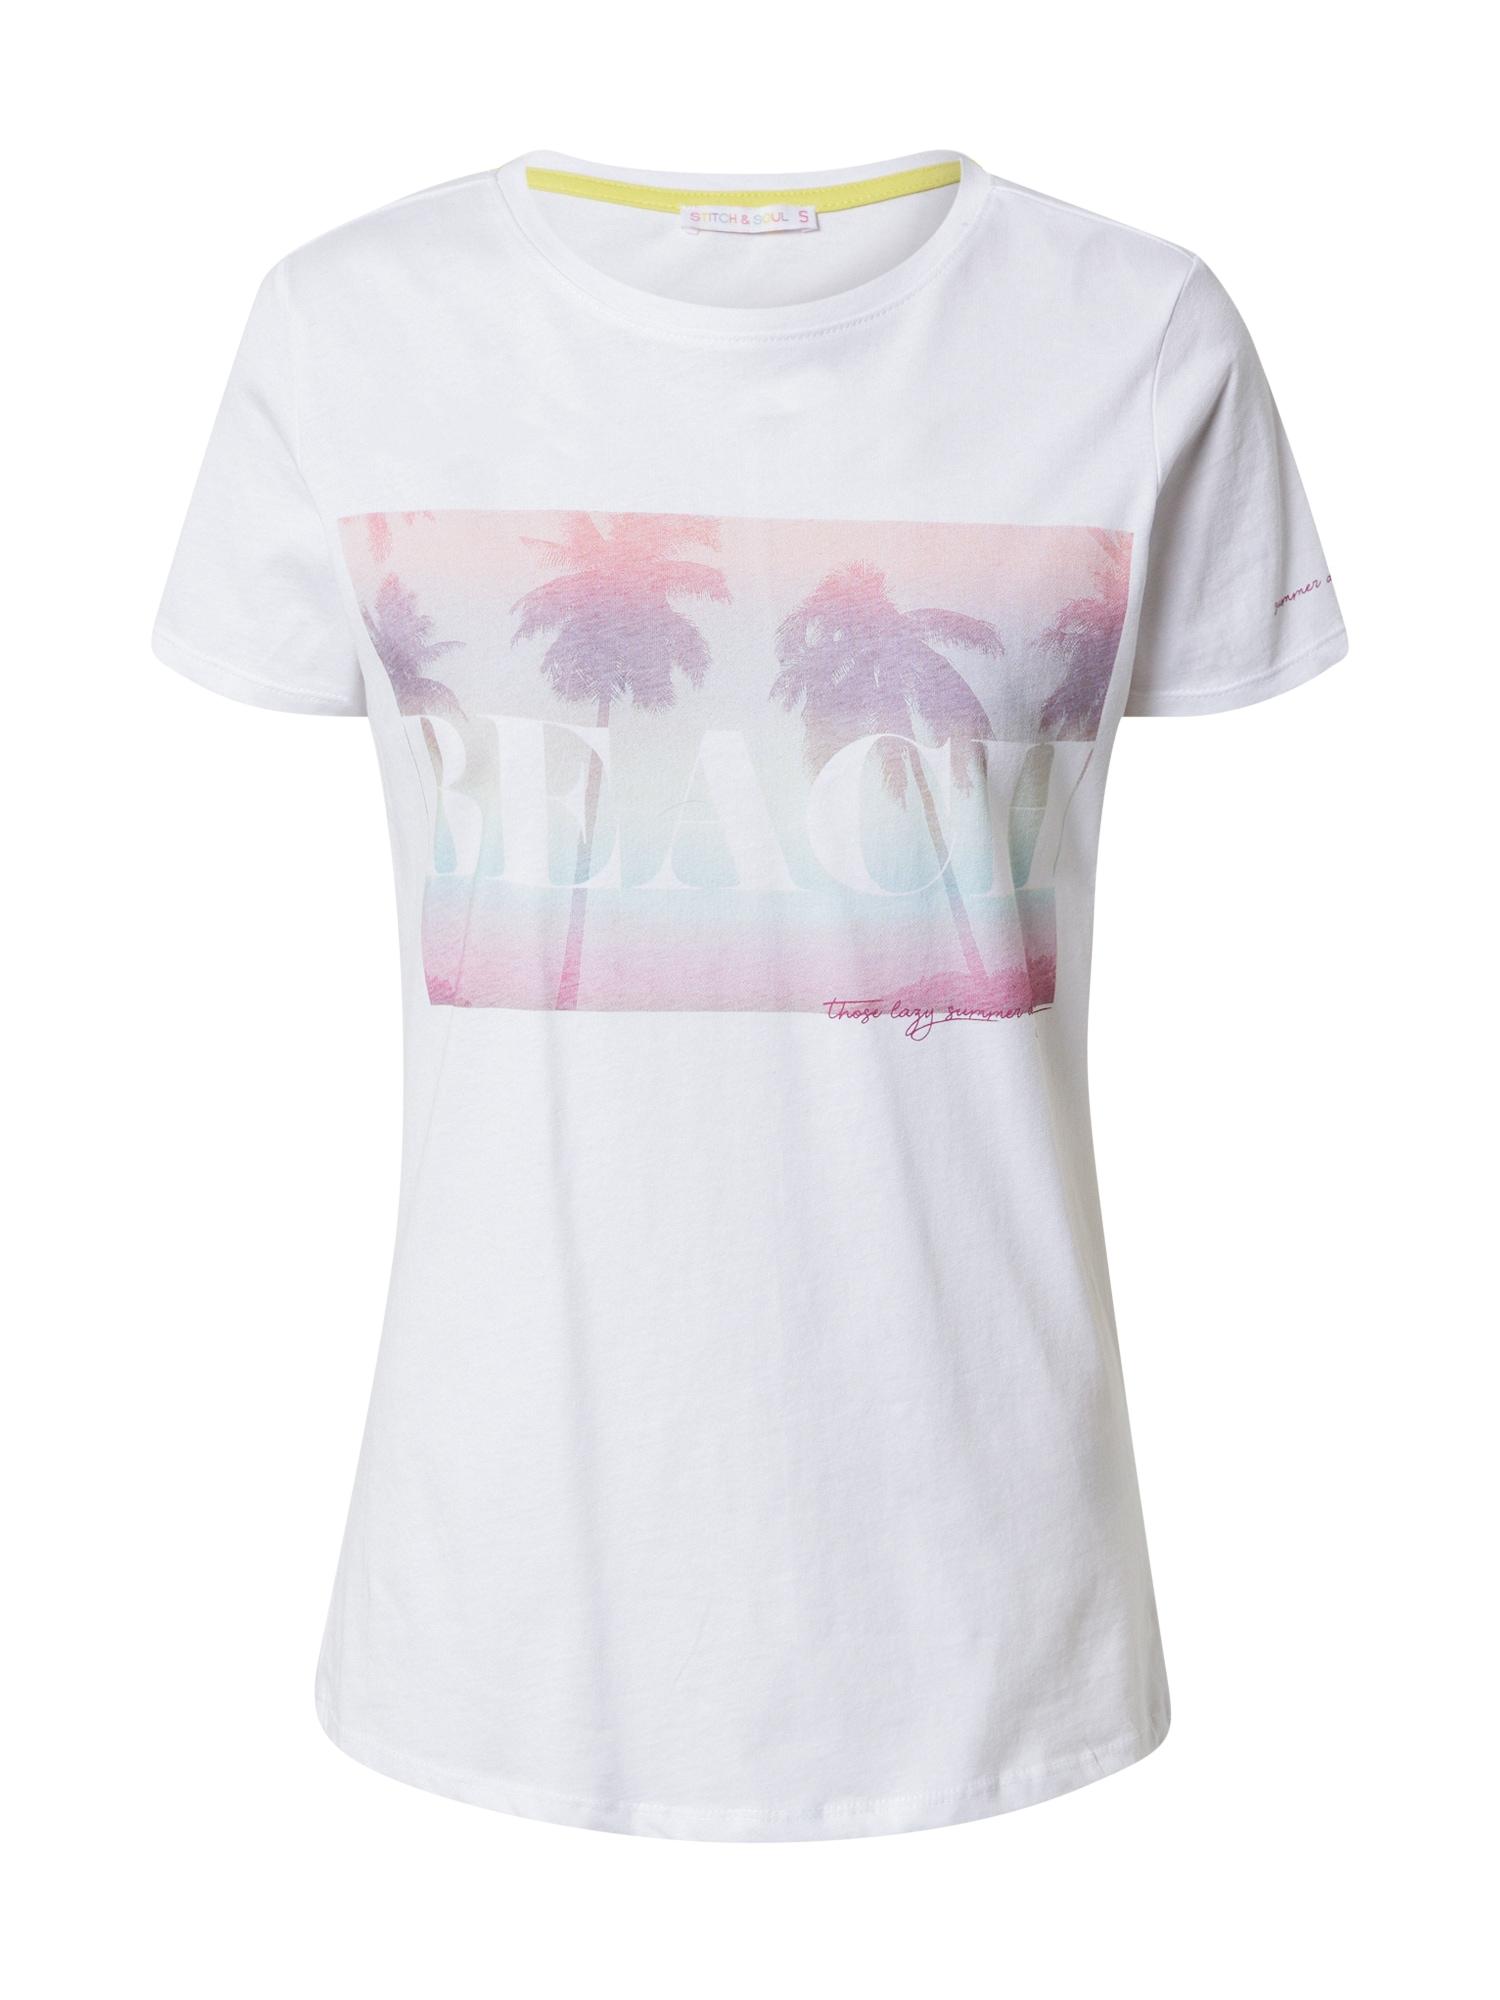 Stitch and Soul Marškinėliai balta / alyvinė spalva / rožinė